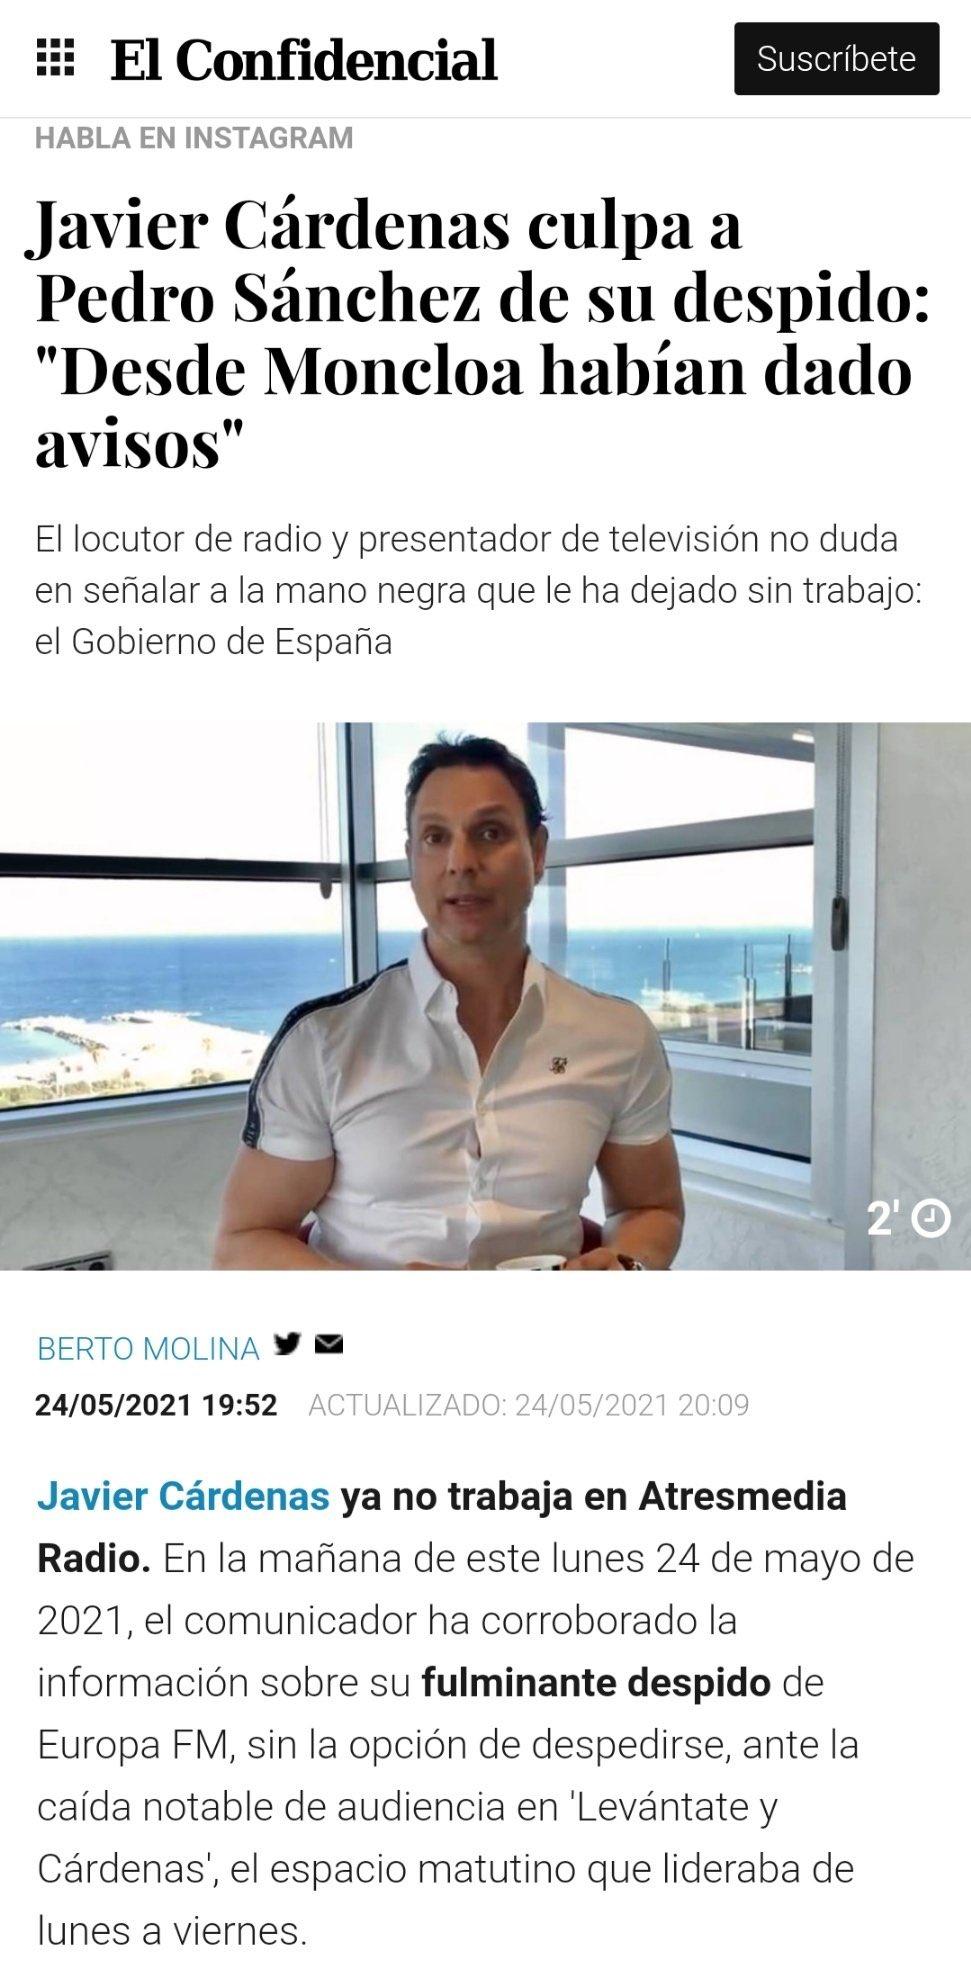 Fundación ideas y grupo PRISA, Pedro Sánchez Susana Díaz & Co, el topic del PSOE - Página 17 20210517